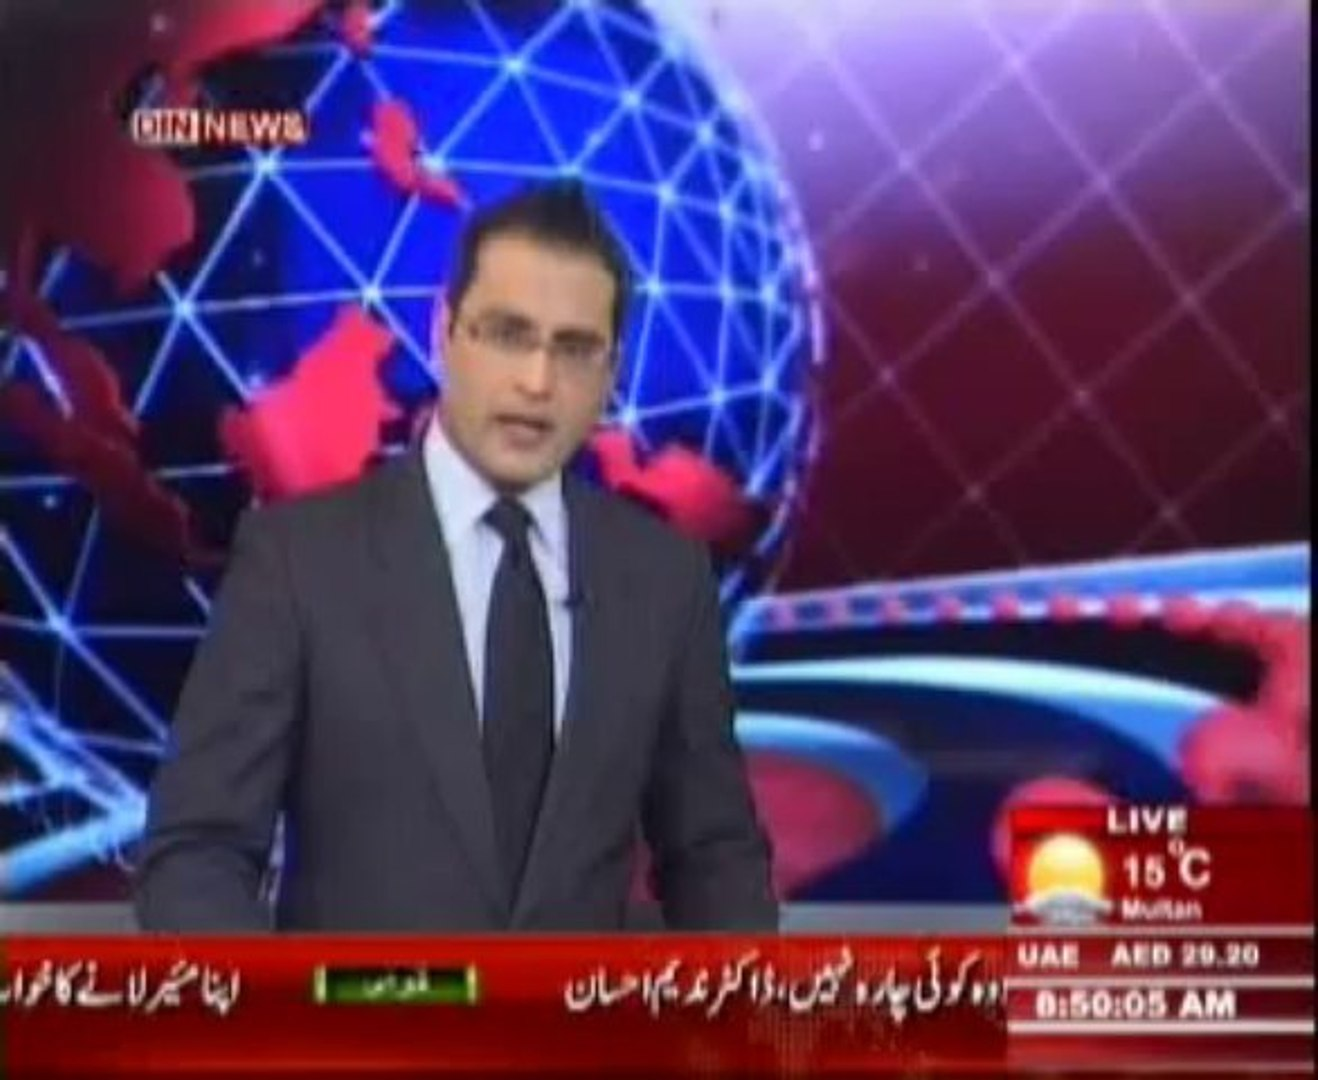 International News (Din News)